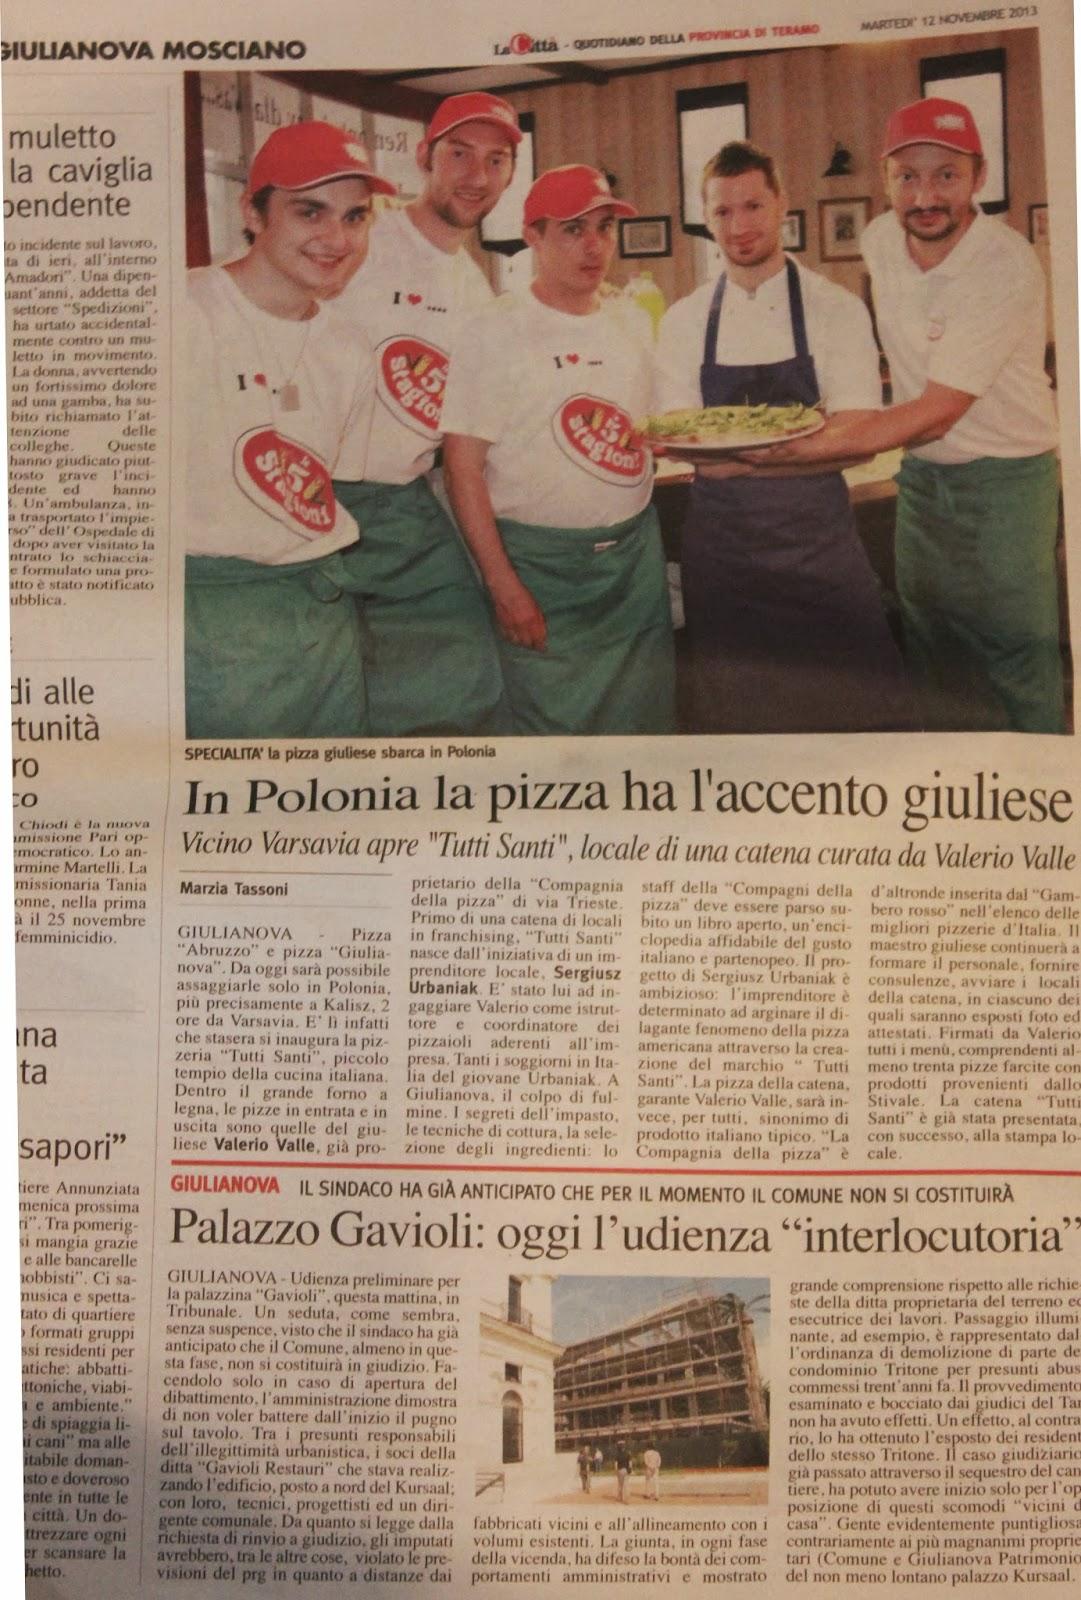 In polonia la pizza ha l'accento giuliese